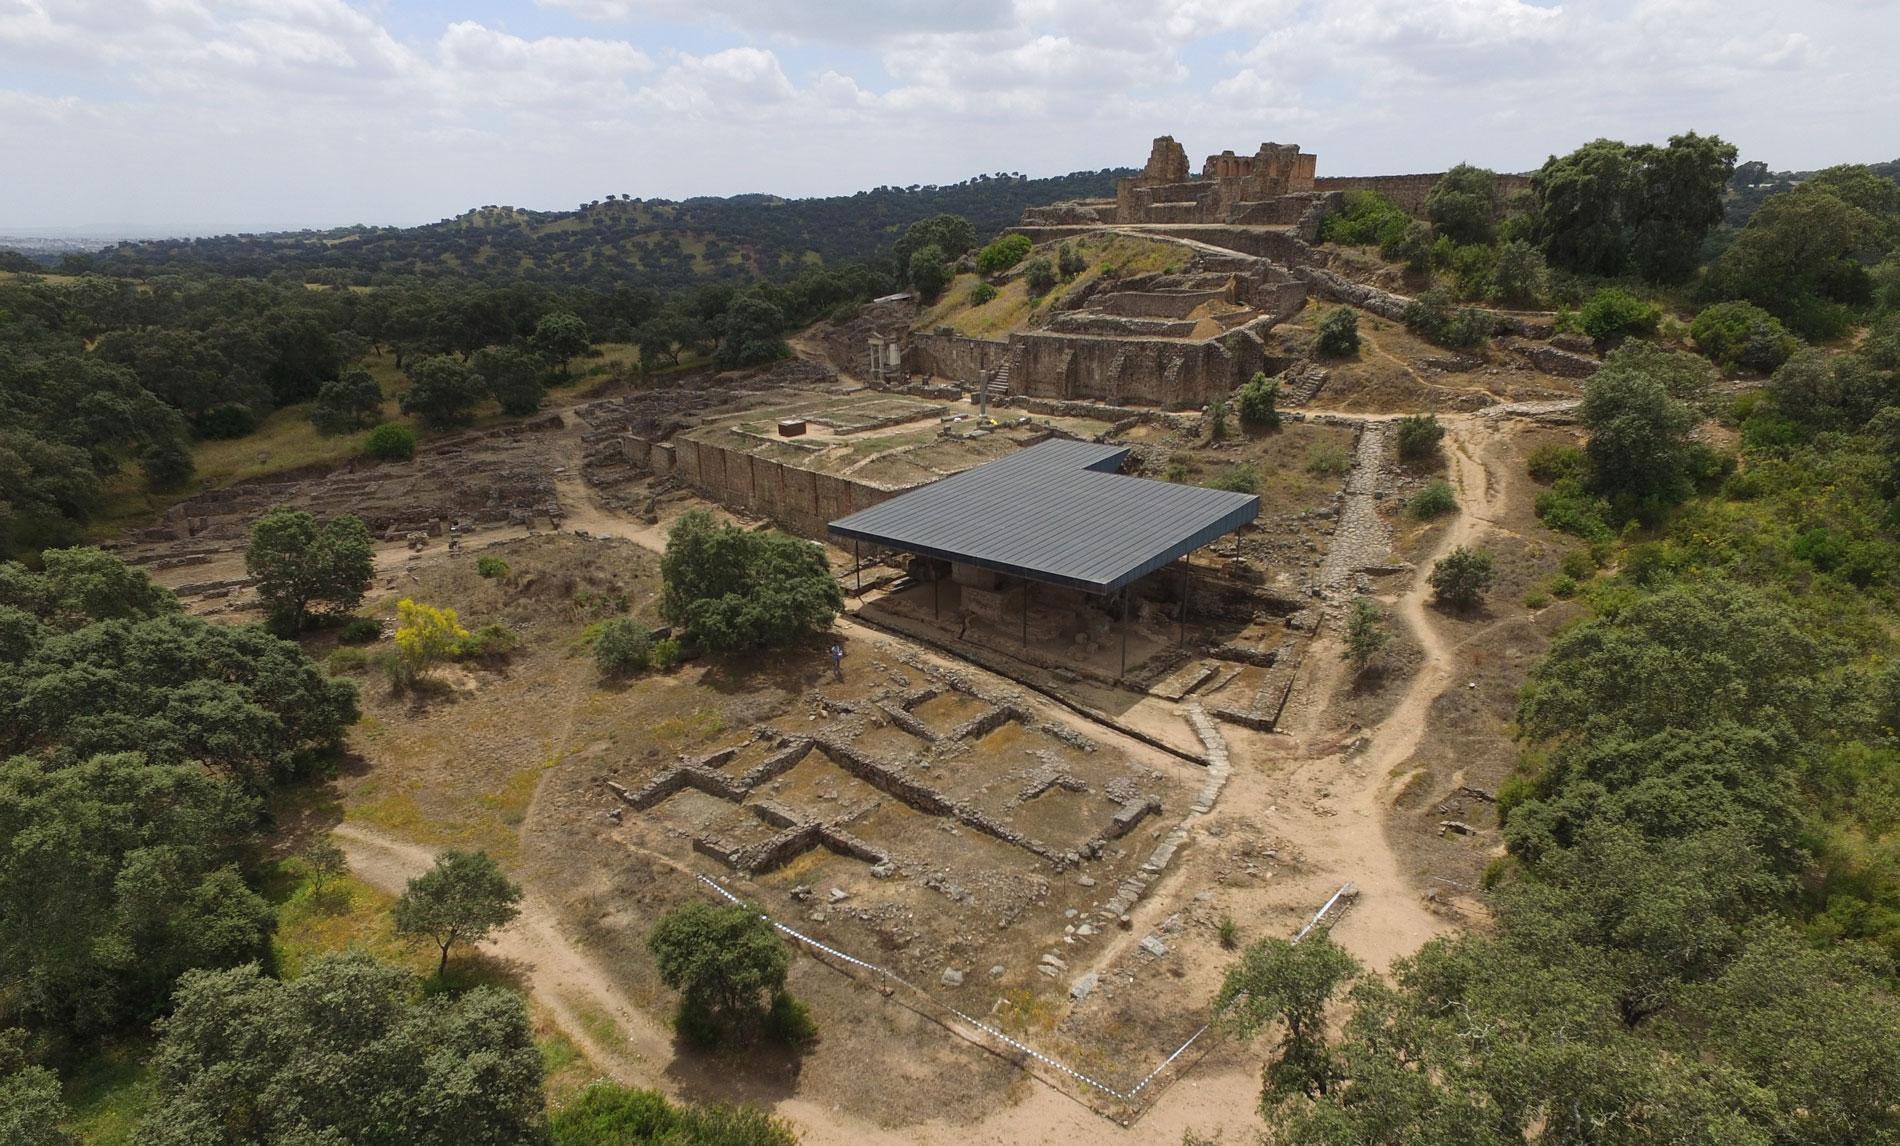 Yacimiento arqueológico de Munigua